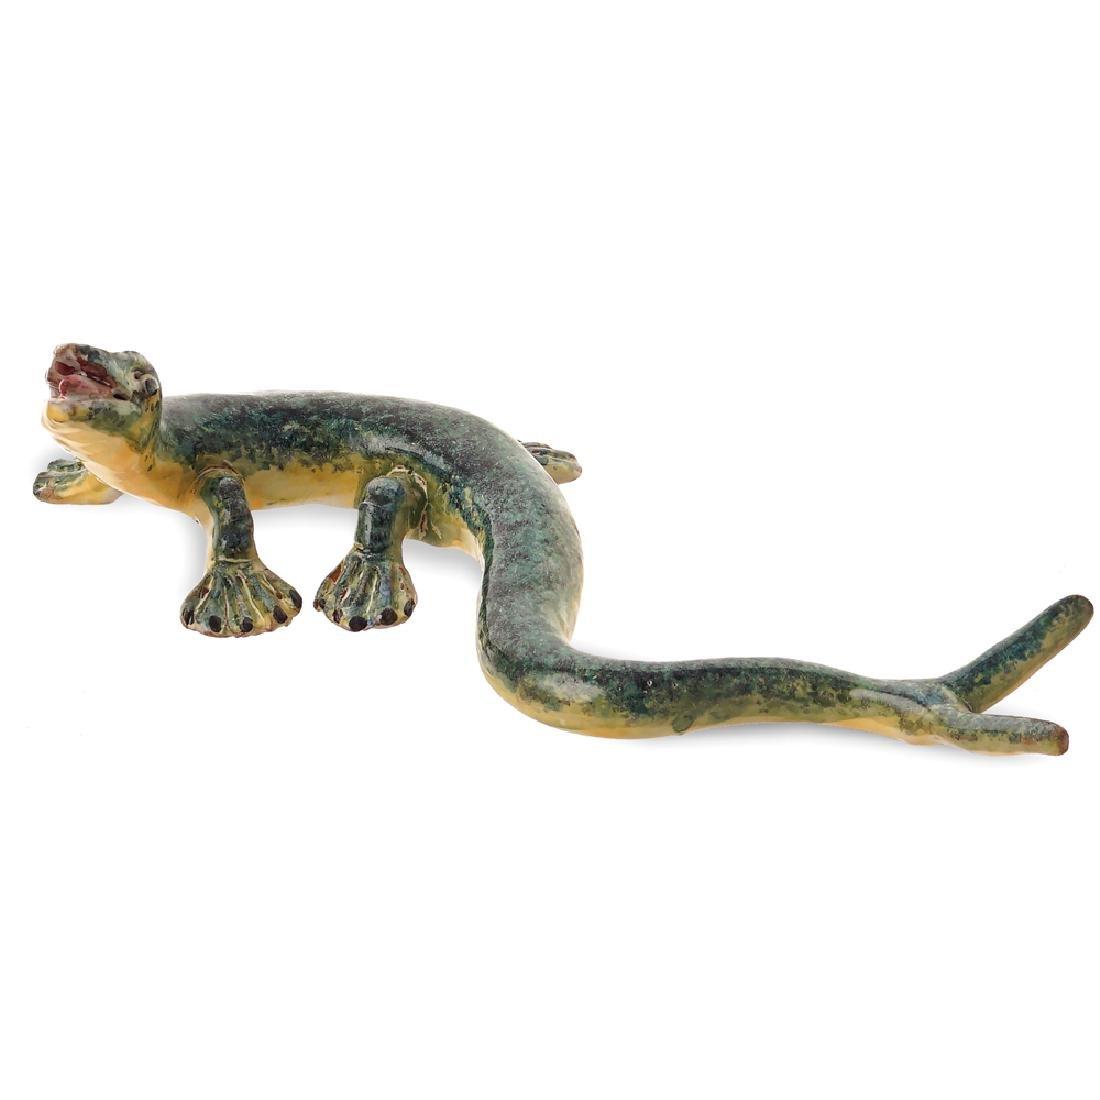 A ceramic salamander Italy 20th century 30x20 cm.